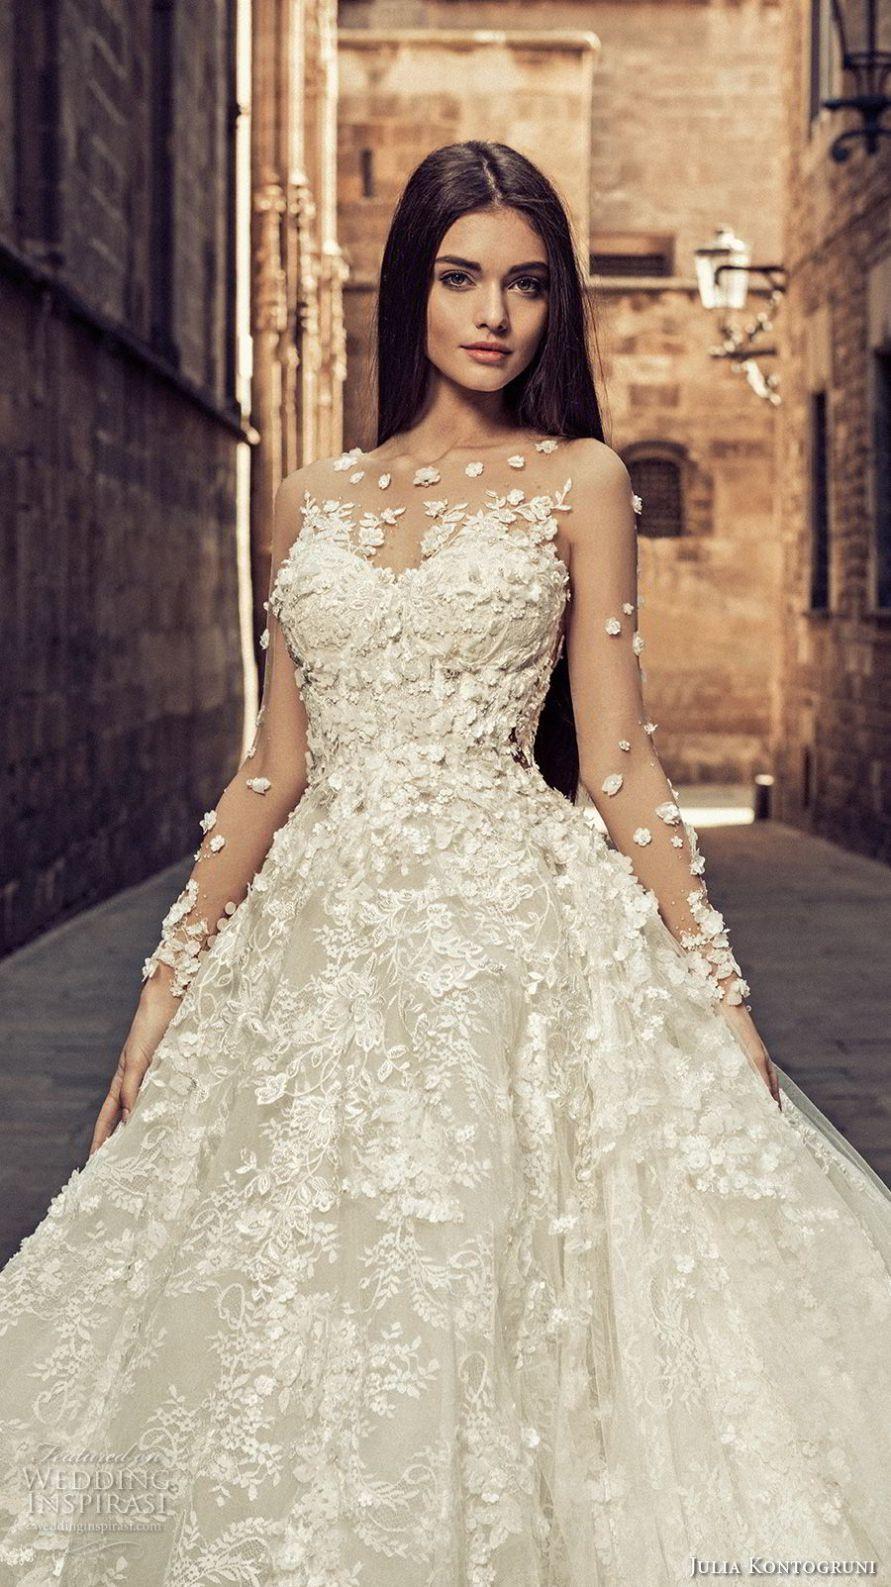 Wedding dress long sleeve  julia kontogruni  bridal long sleeves illuson bateau sweetheart